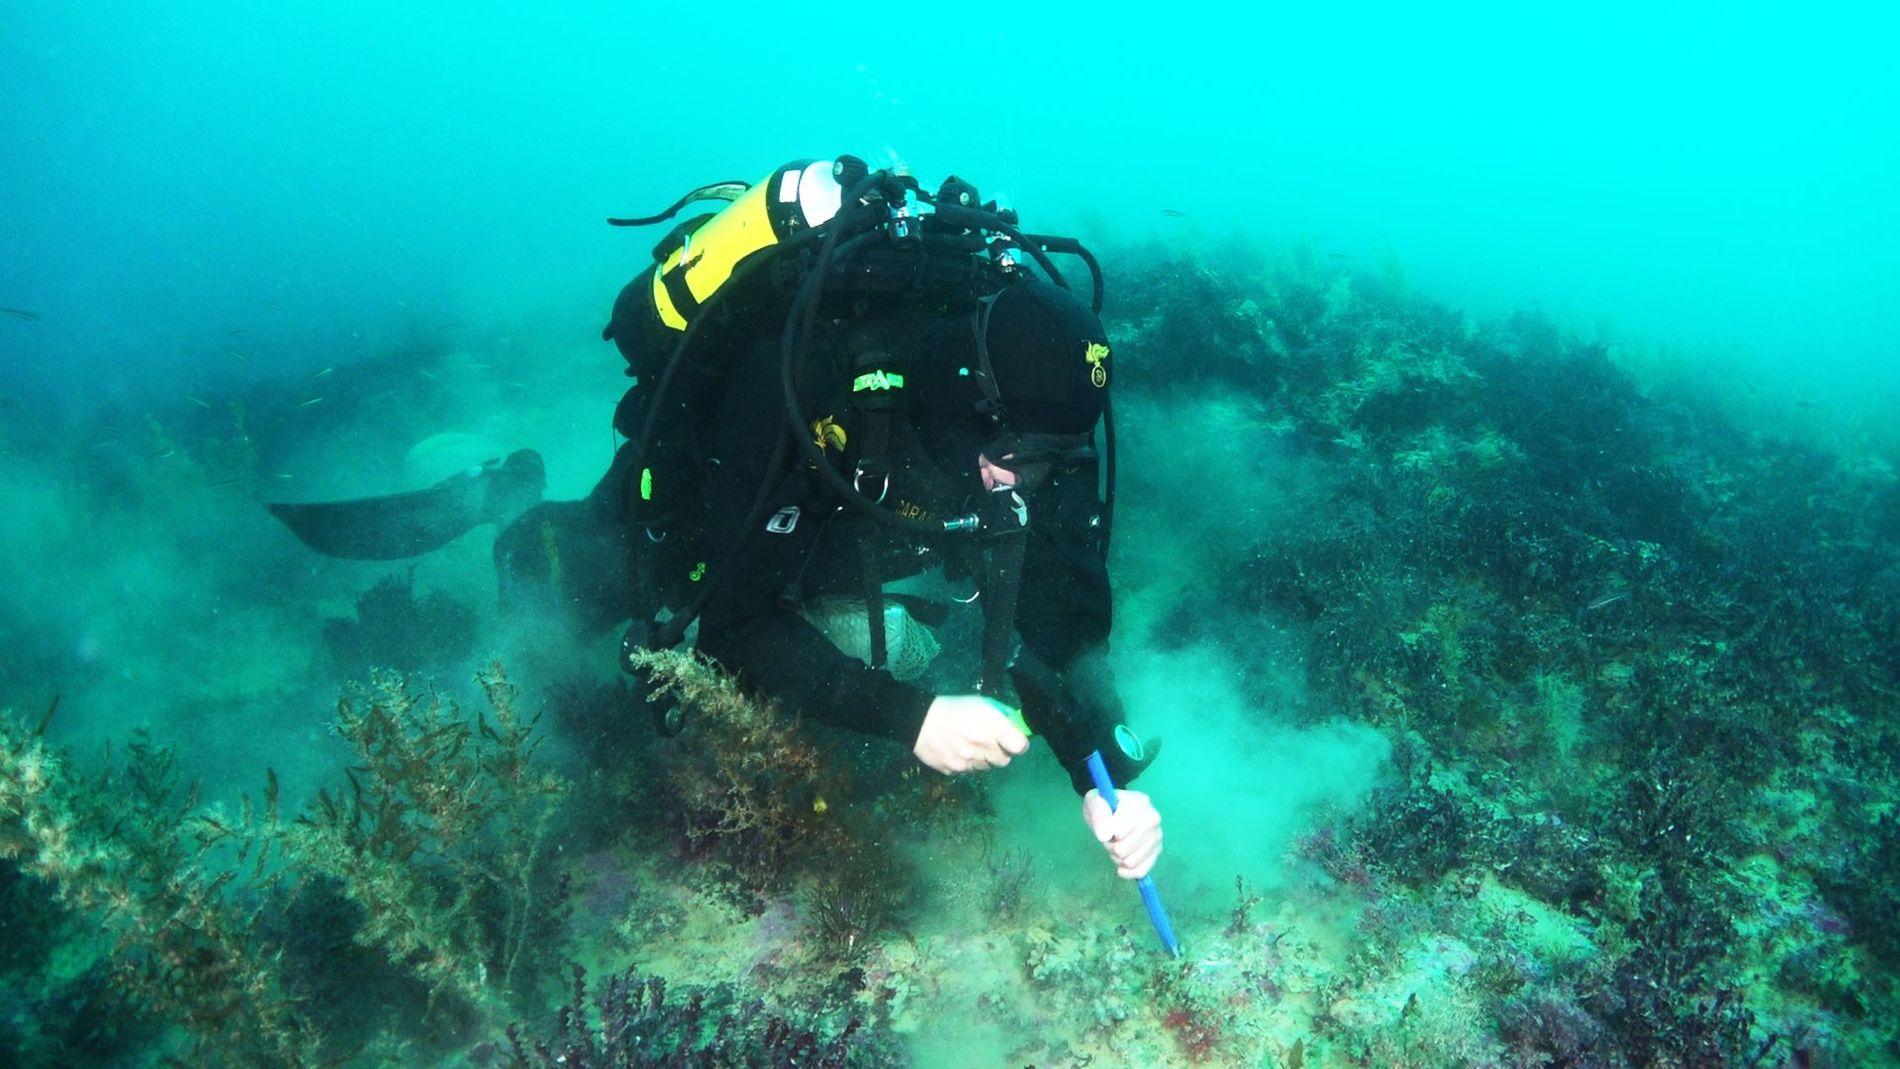 Un buzo del ejército italiano, Carabinieri, recolecta rocas de uno de los volcanes recién descubiertos, Actea, ...